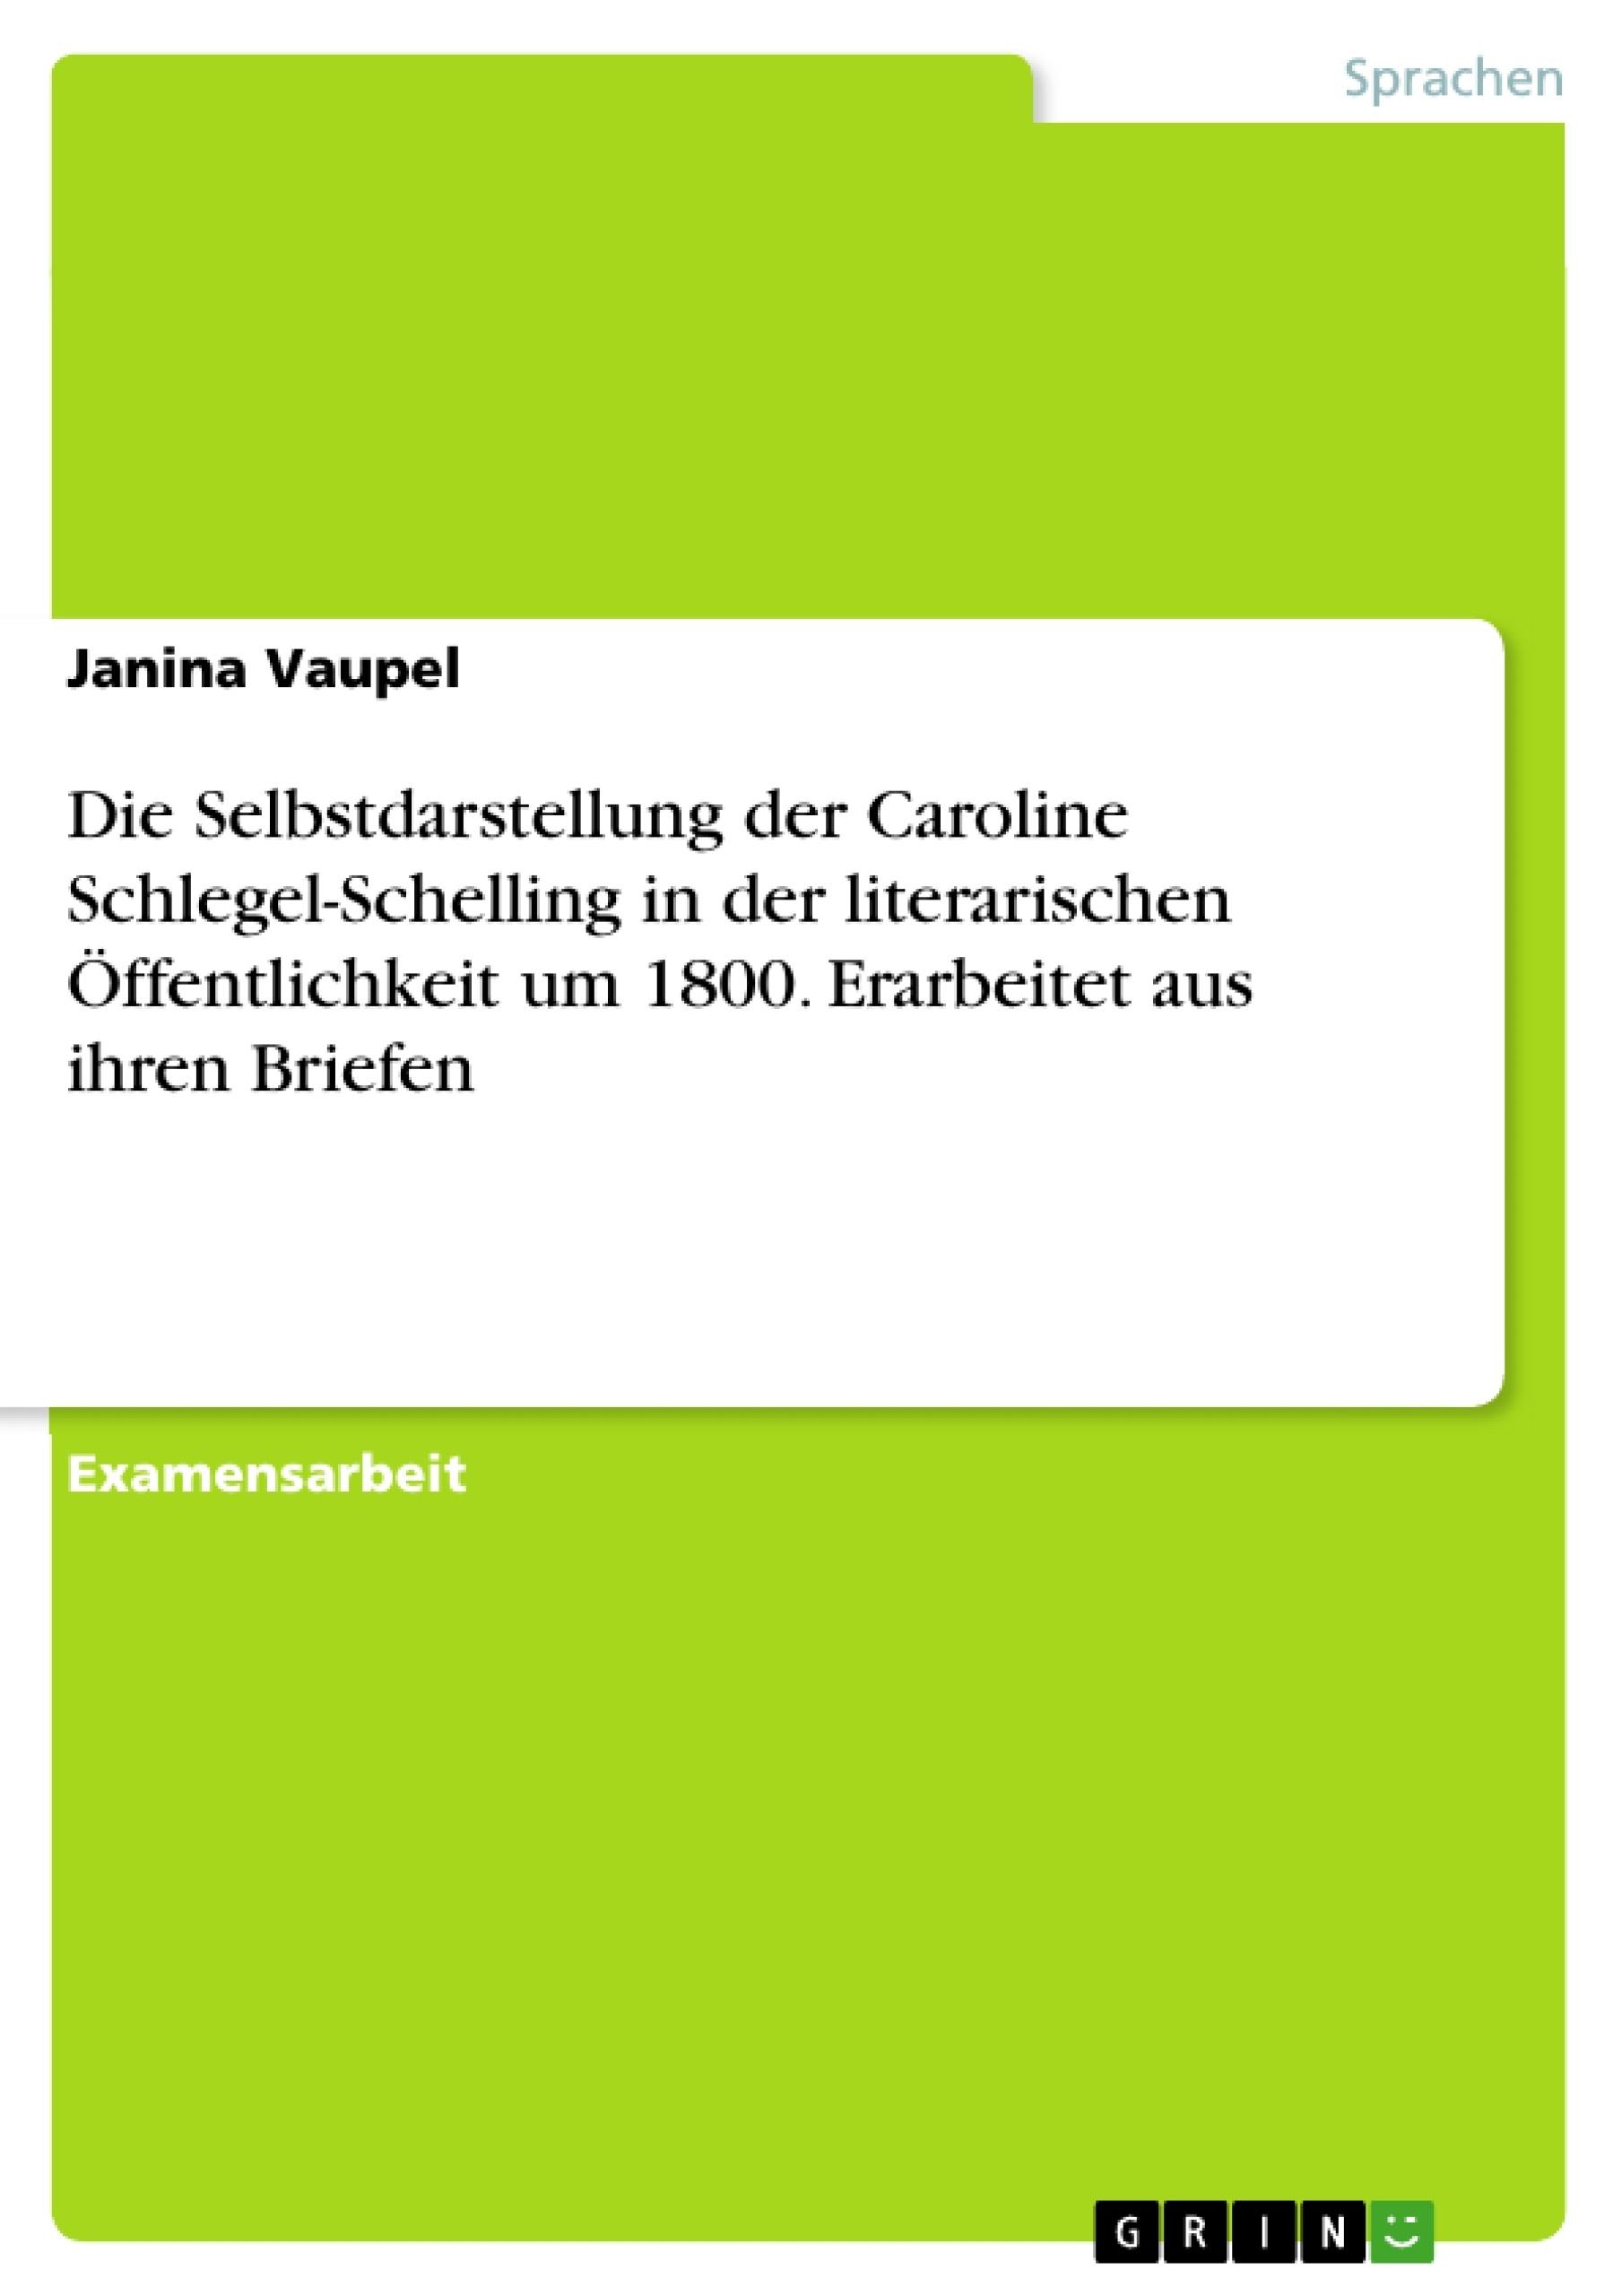 Titel: Die Selbstdarstellung der Caroline Schlegel-Schelling in der literarischen Öffentlichkeit um 1800. Erarbeitet aus ihren Briefen